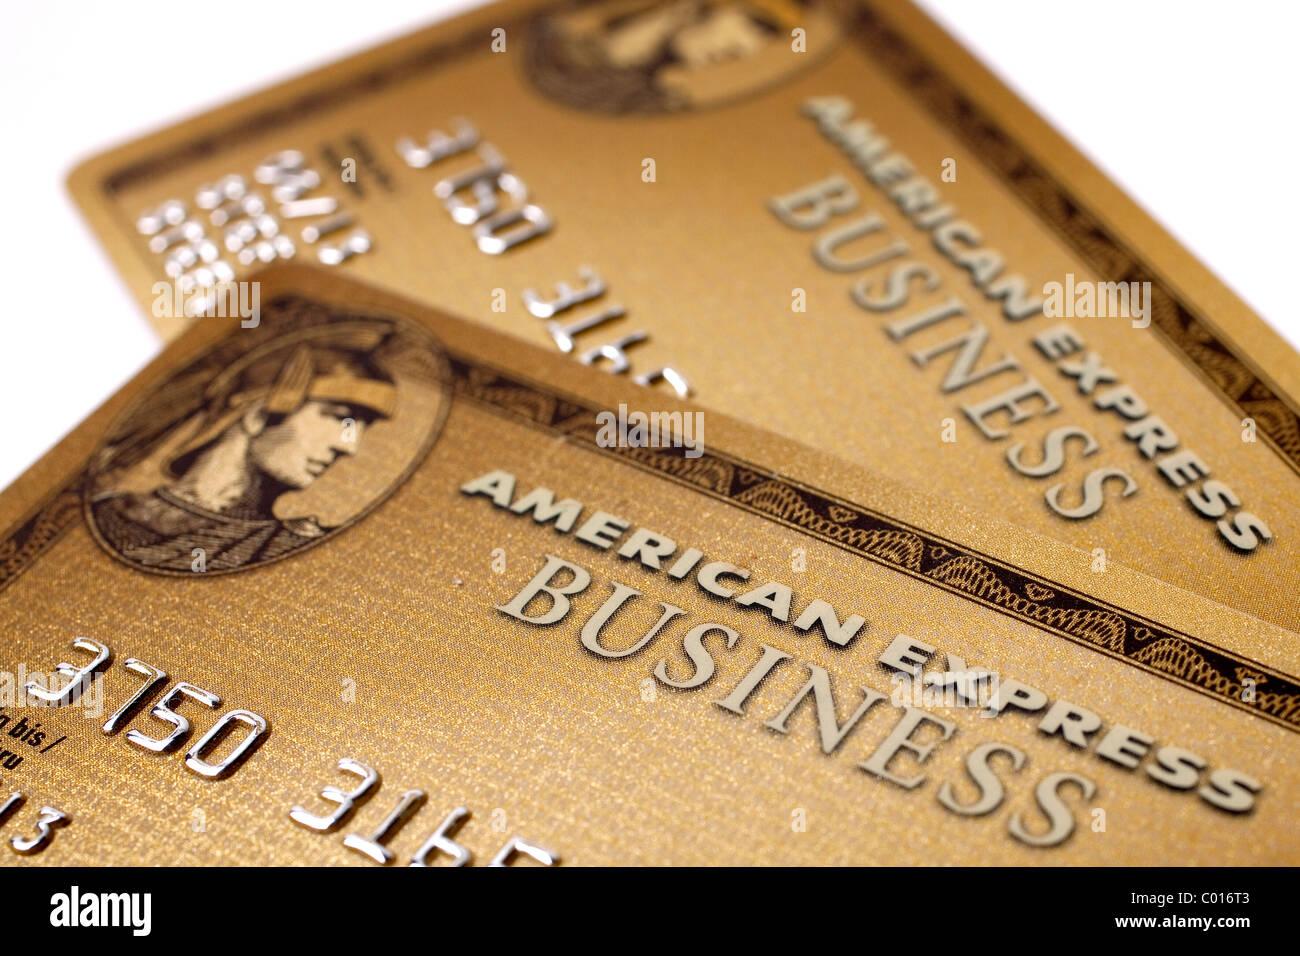 Les cartes de crédit, American Express, AMEX, Gold Business Card Photo Stock